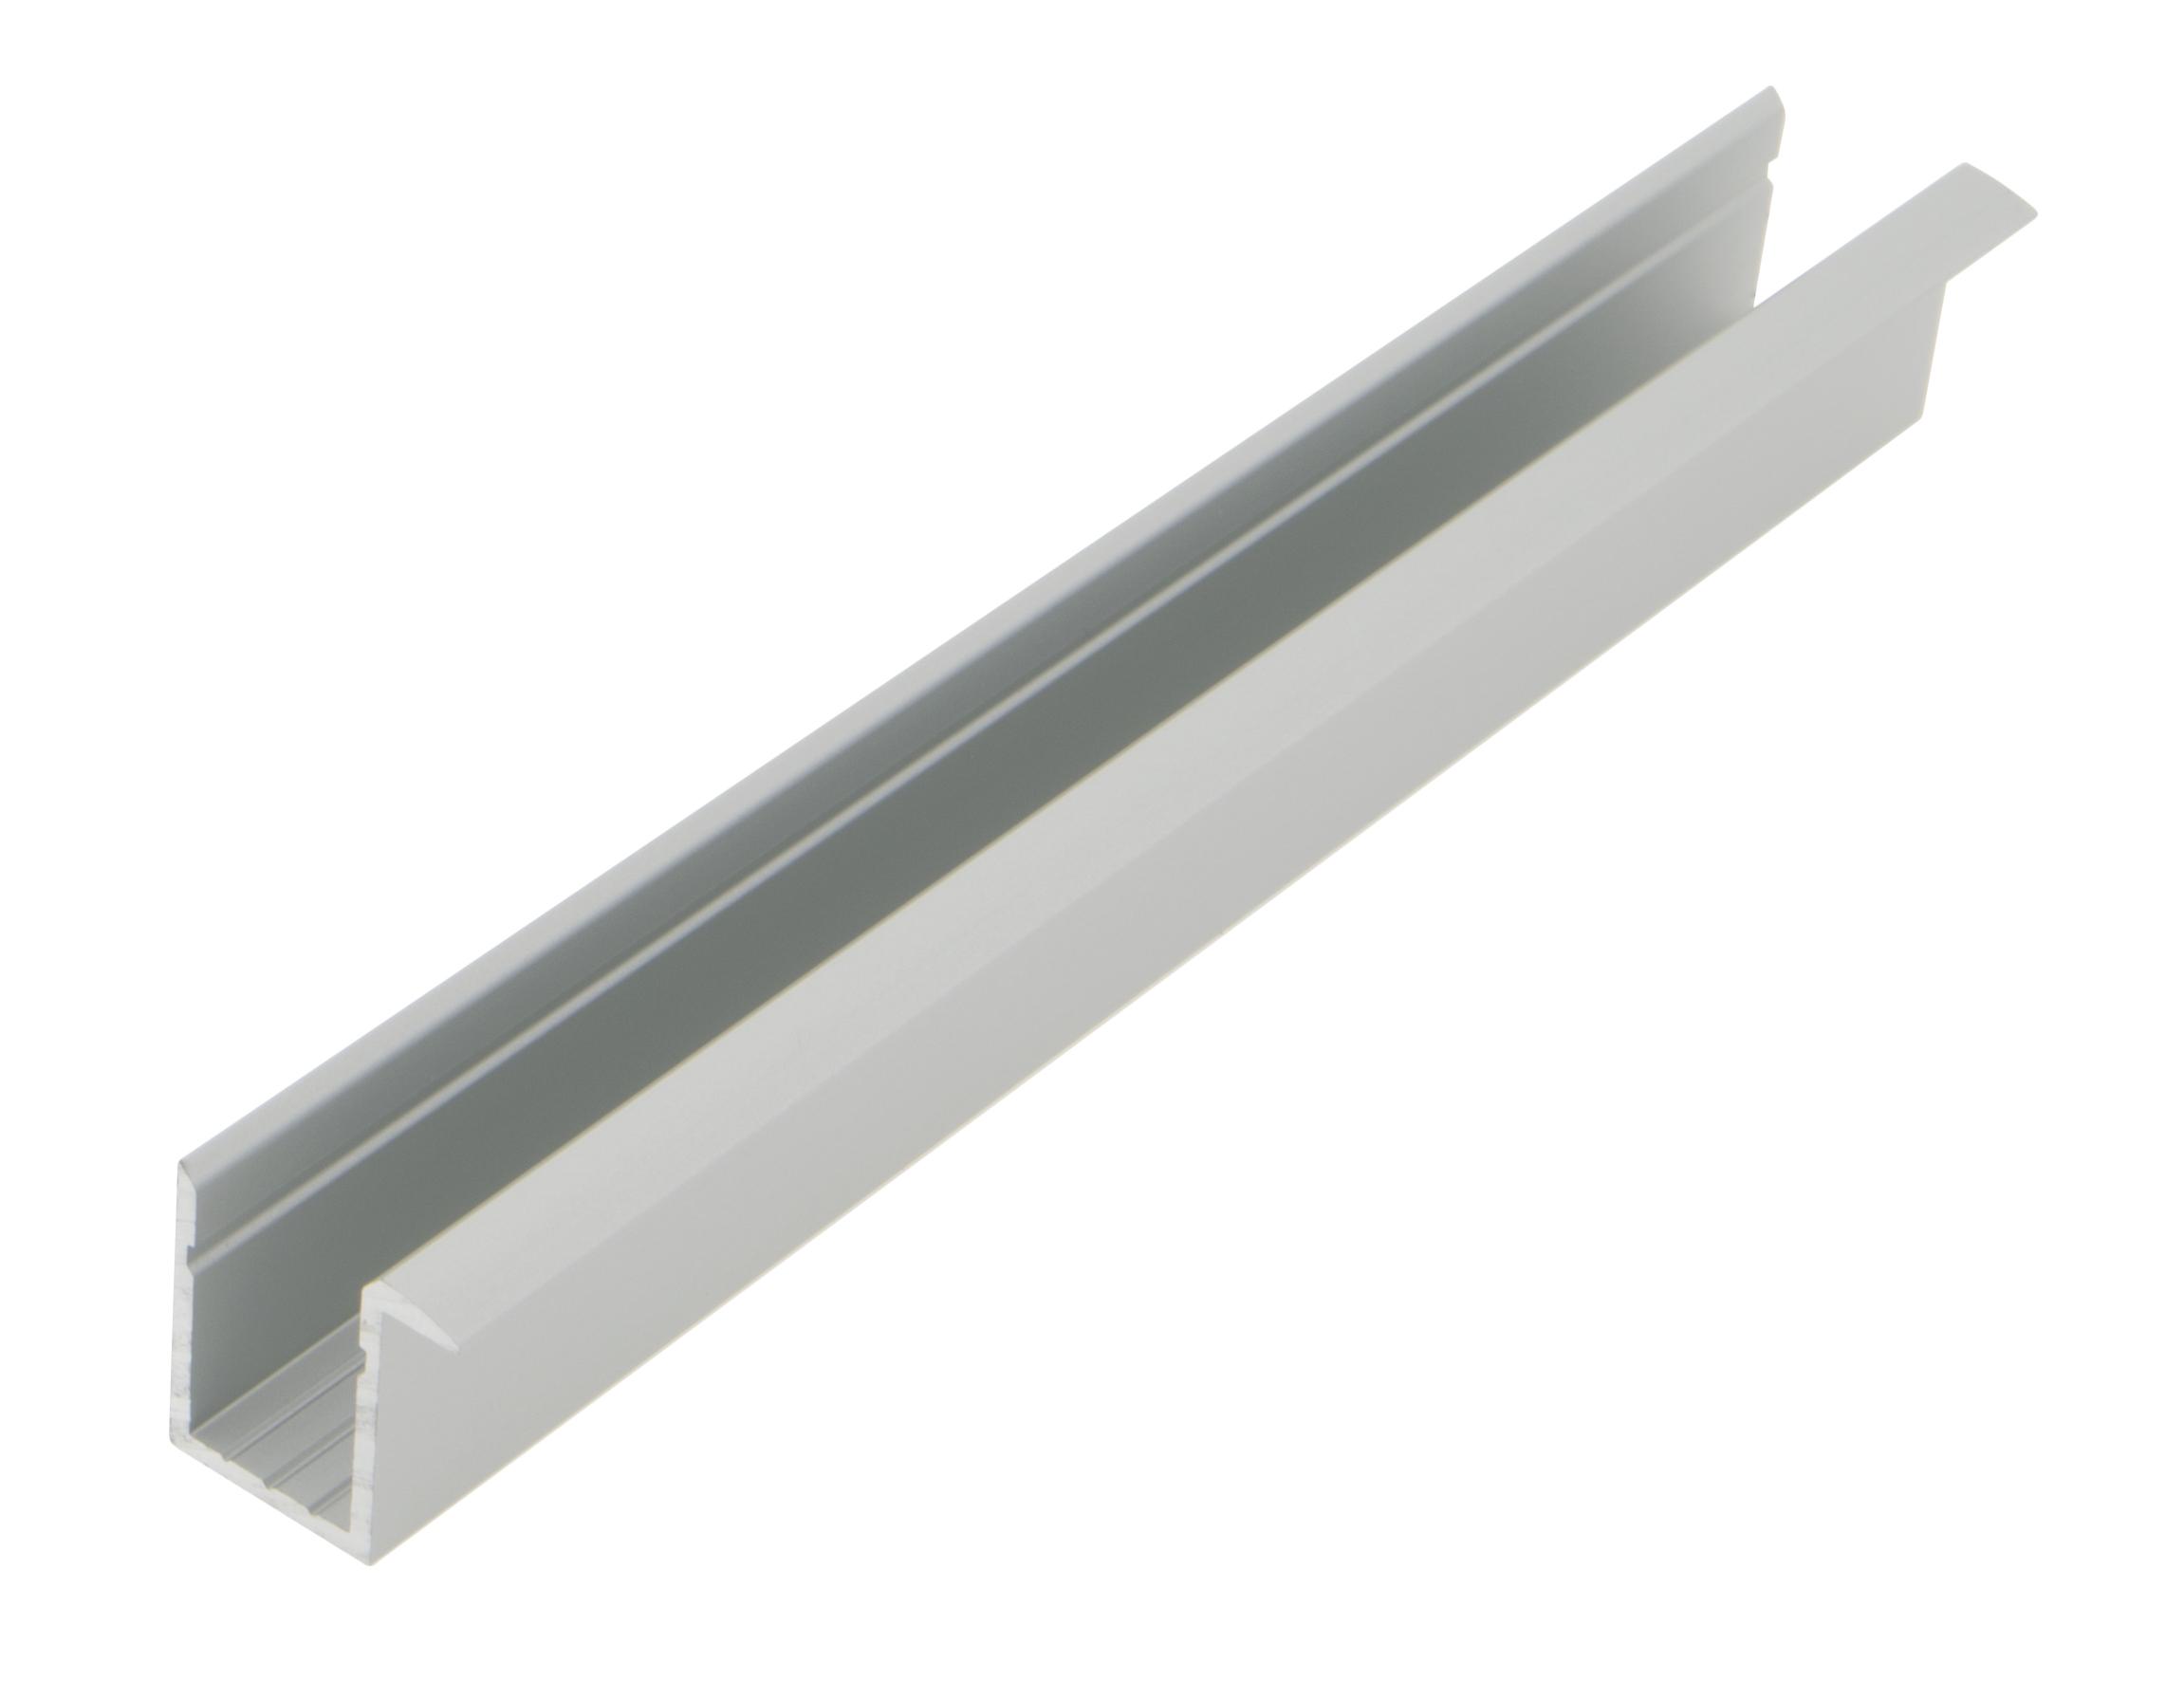 1 m Aluminiumprofil KLT, L-2000mm B-19mm H-19mm LIAP008004